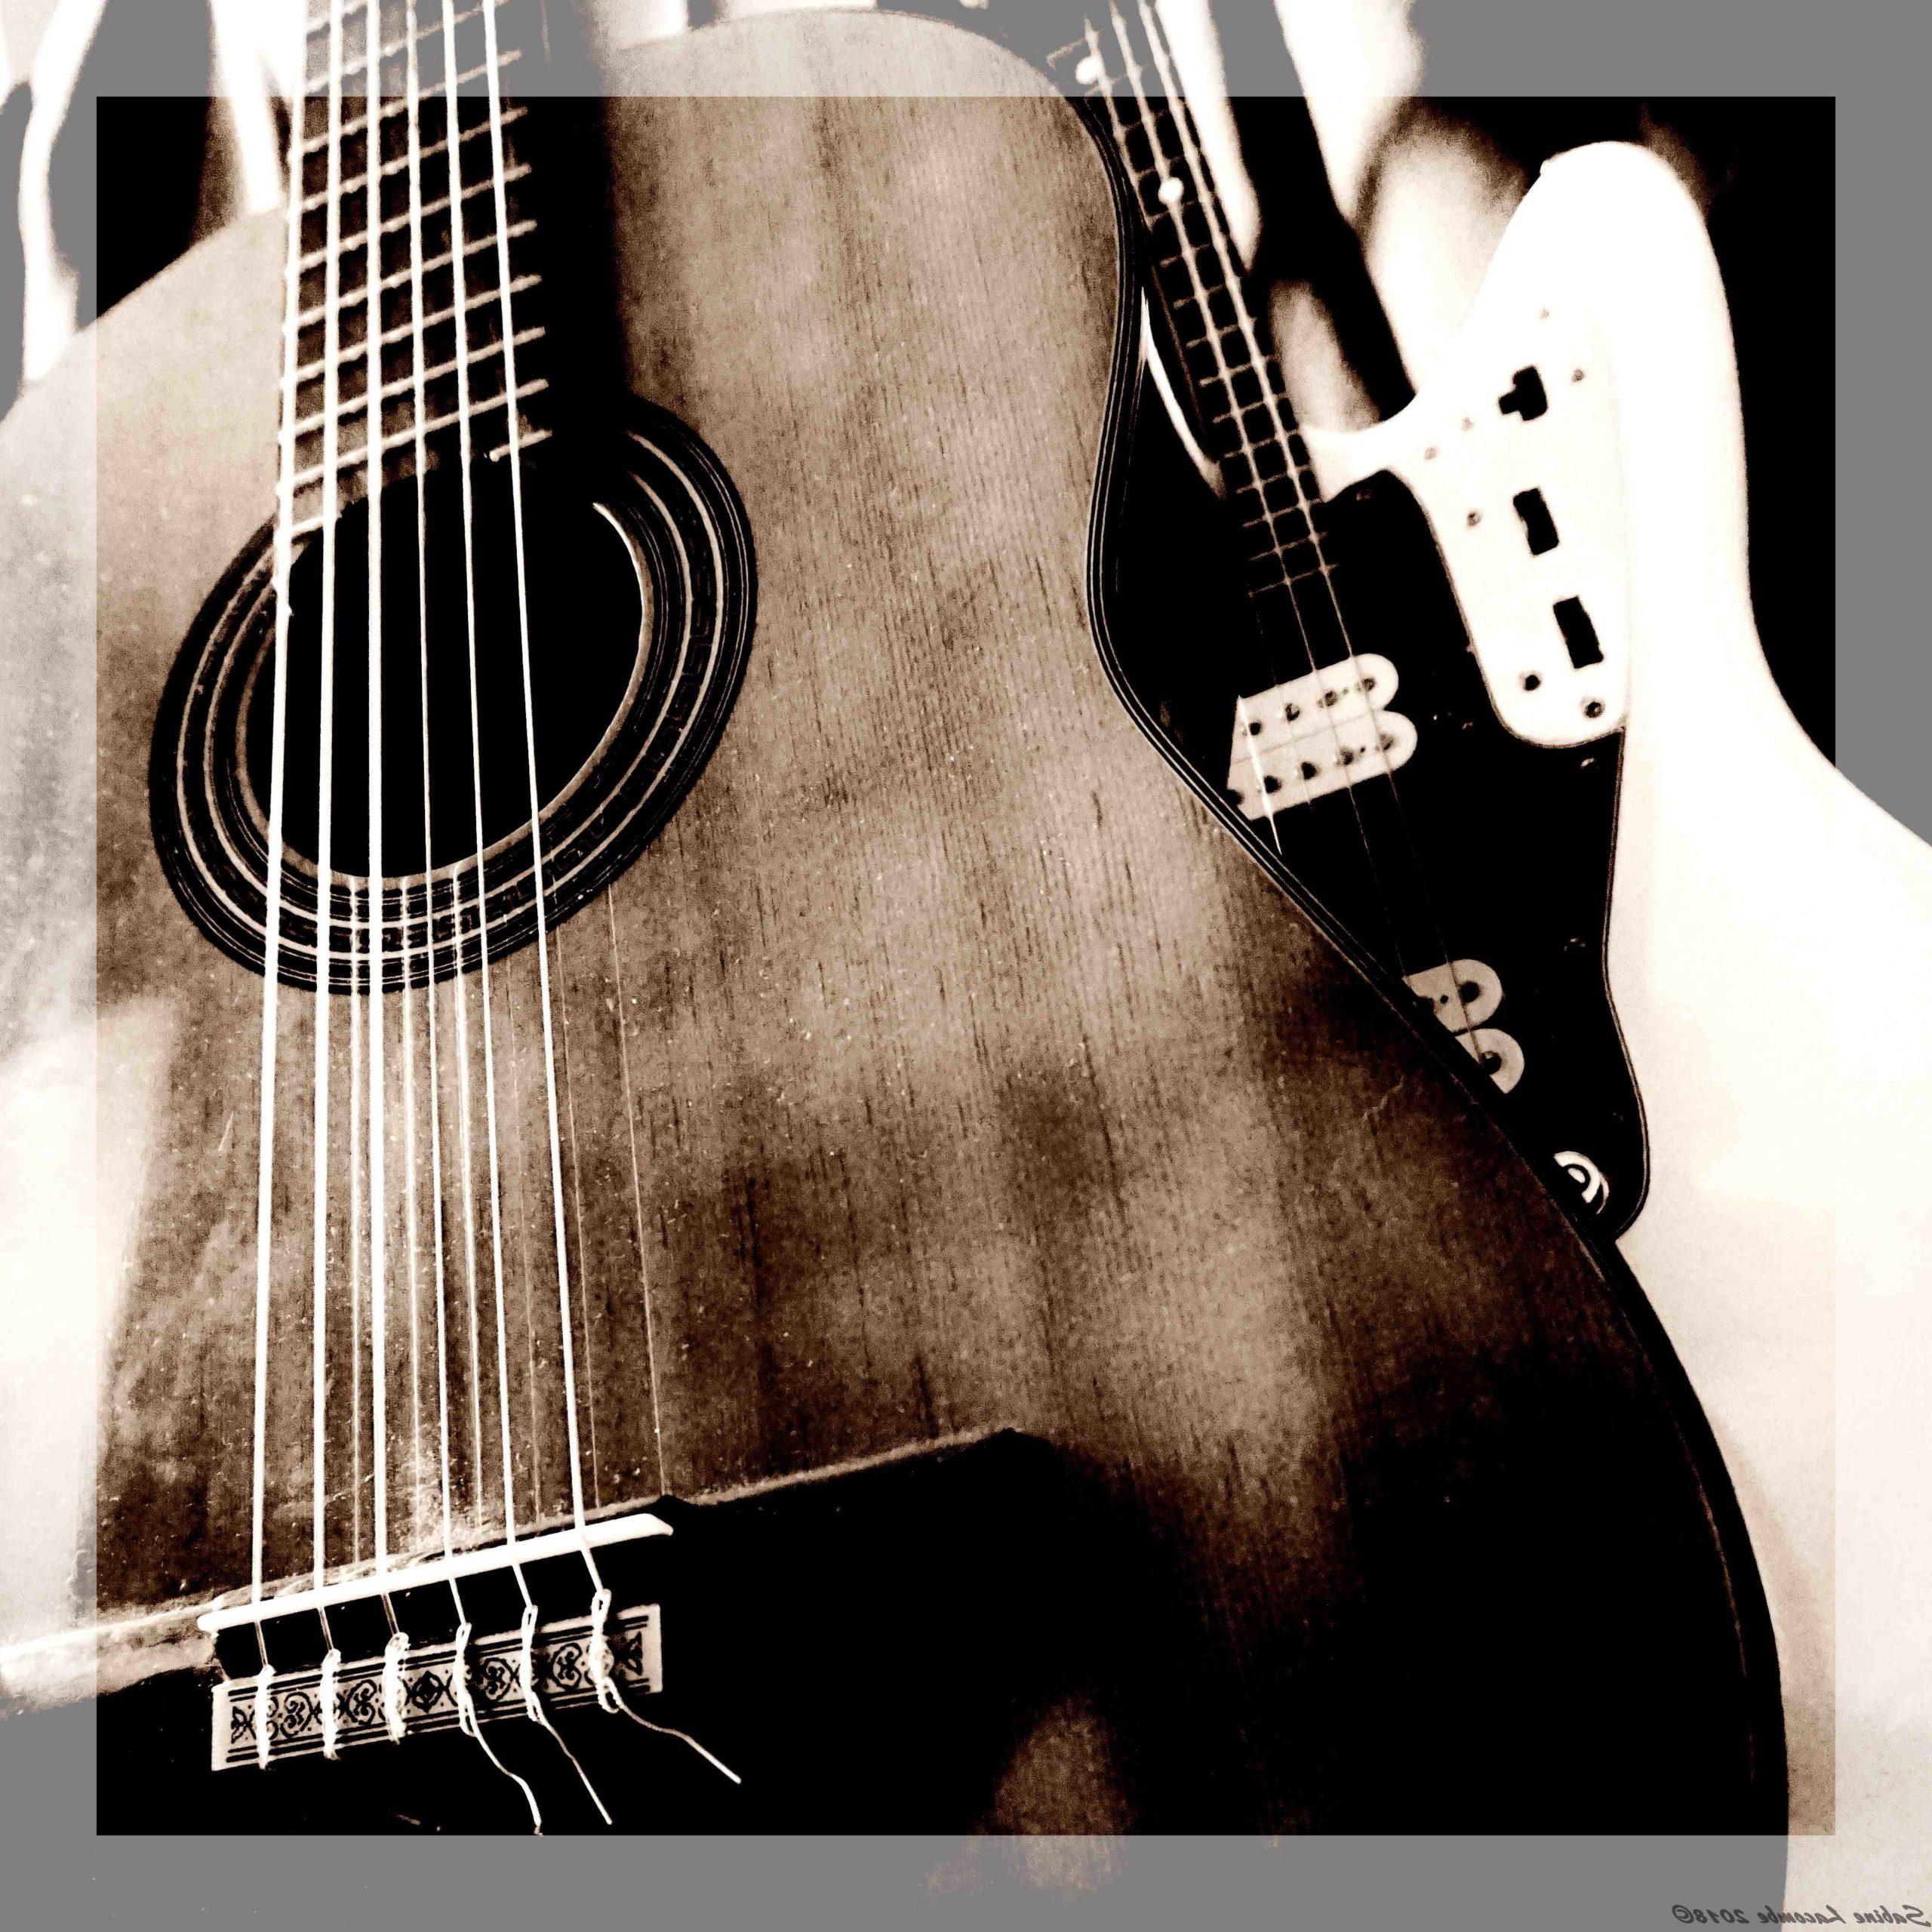 Comment remplacer les anciennes cordes de guitare?